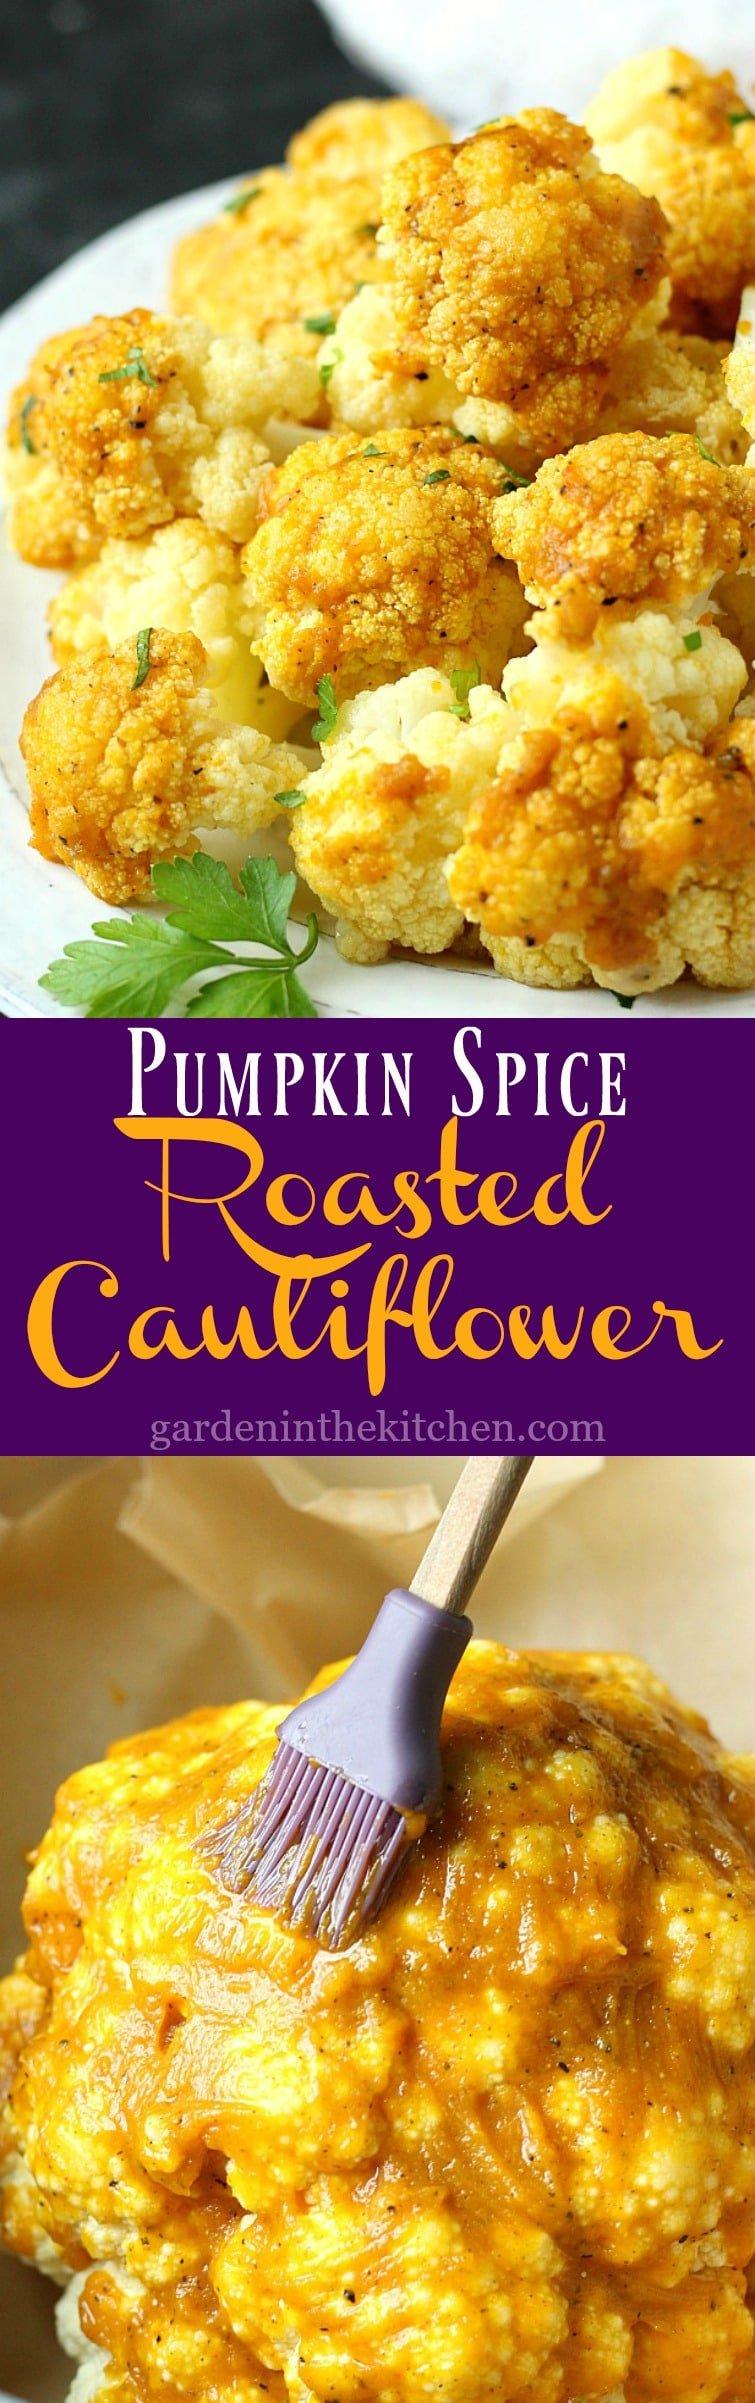 Pumpkin Spice Roasted Cauliflower   Garden in the Kitchen